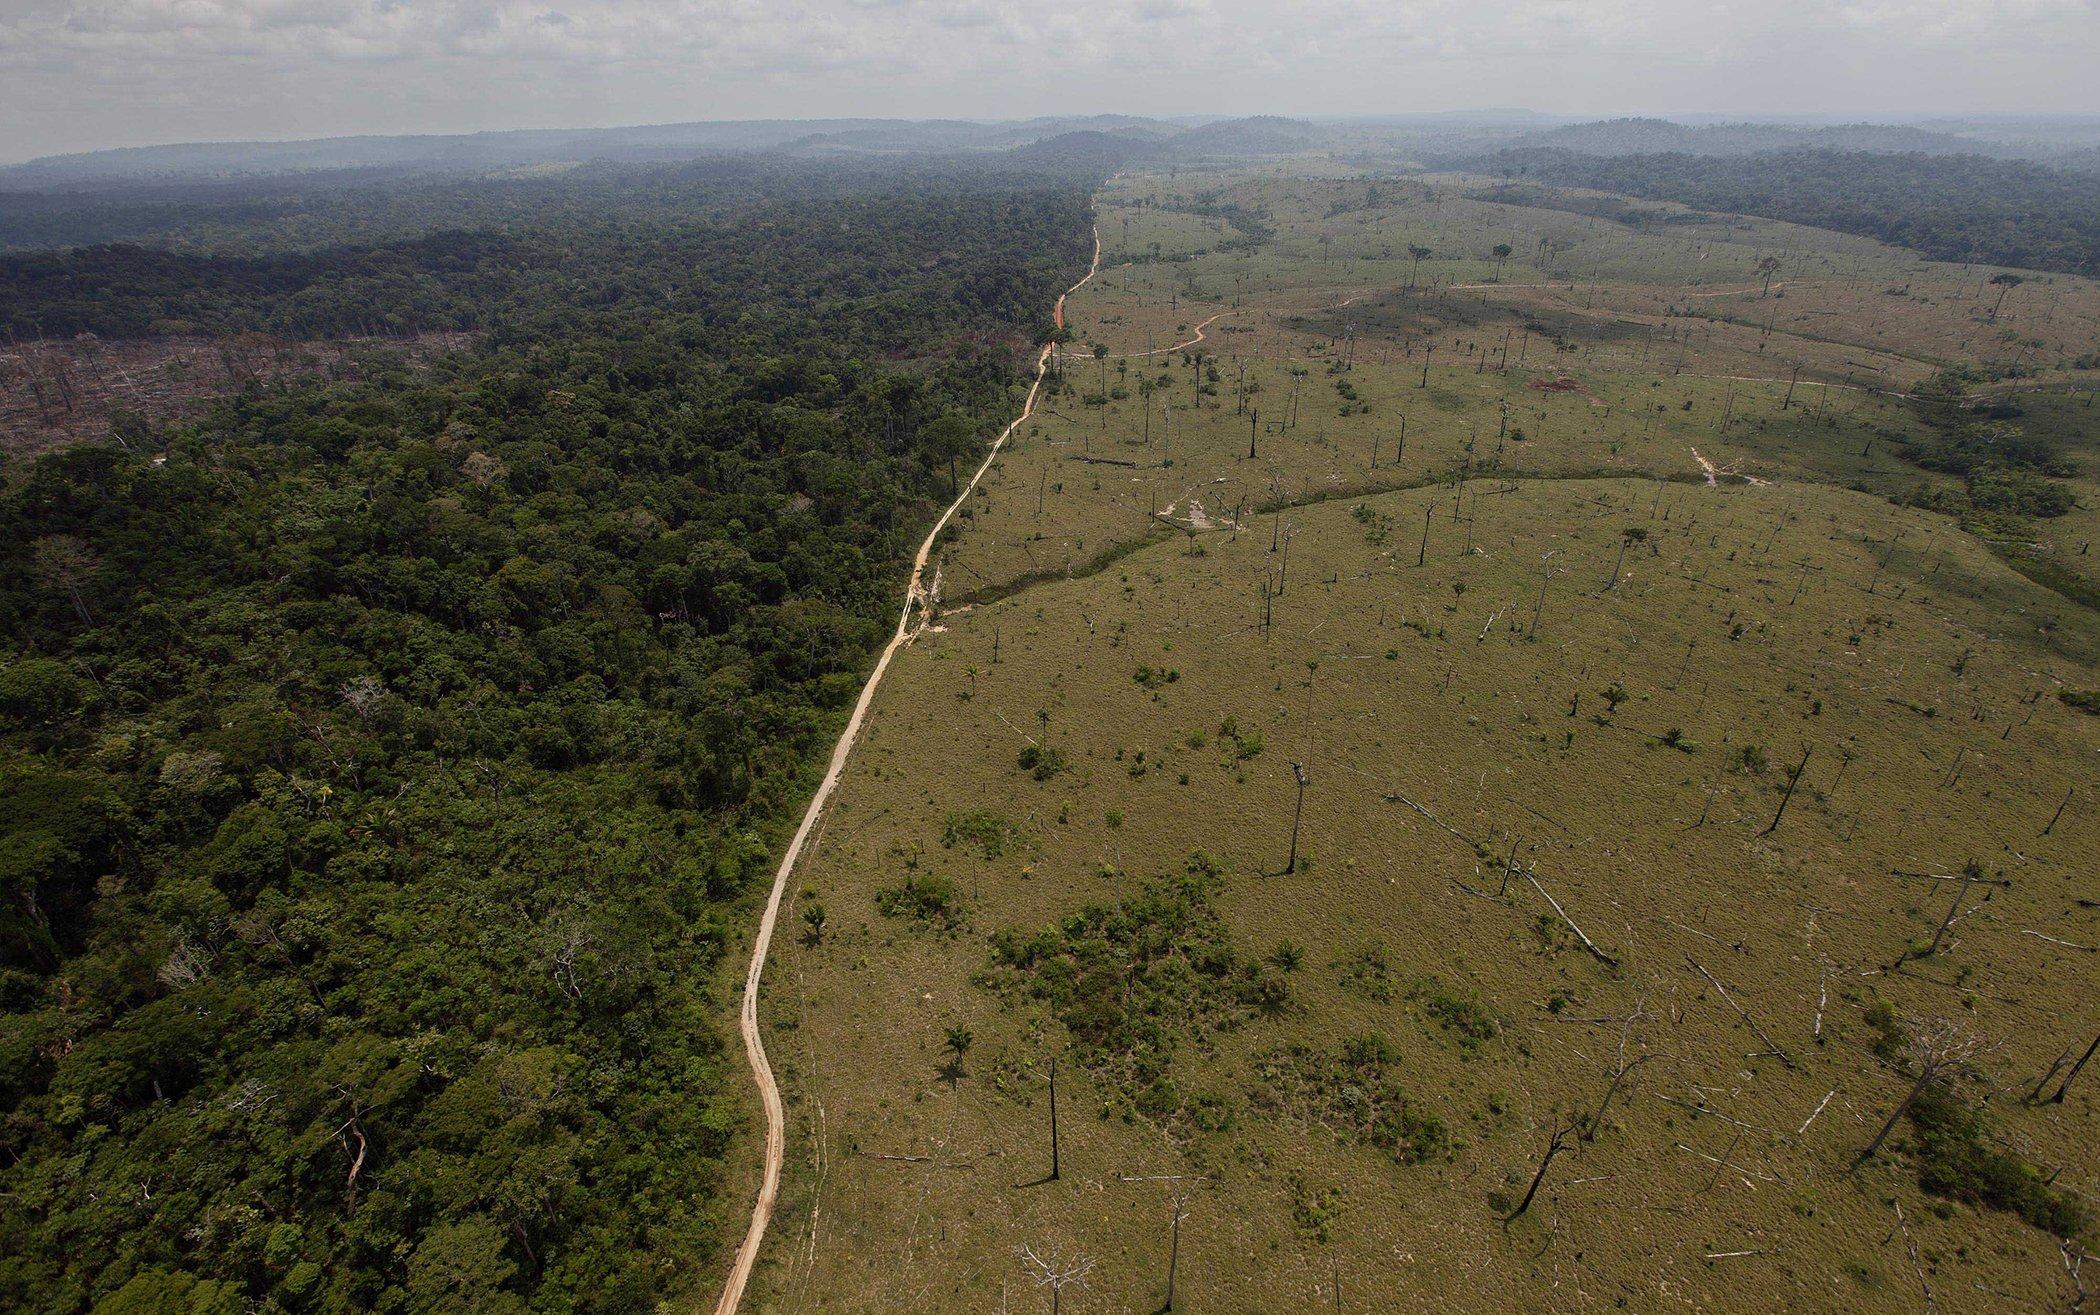 Amazon-Deforestation-Biodiversity-Affect-Poverty.jpg